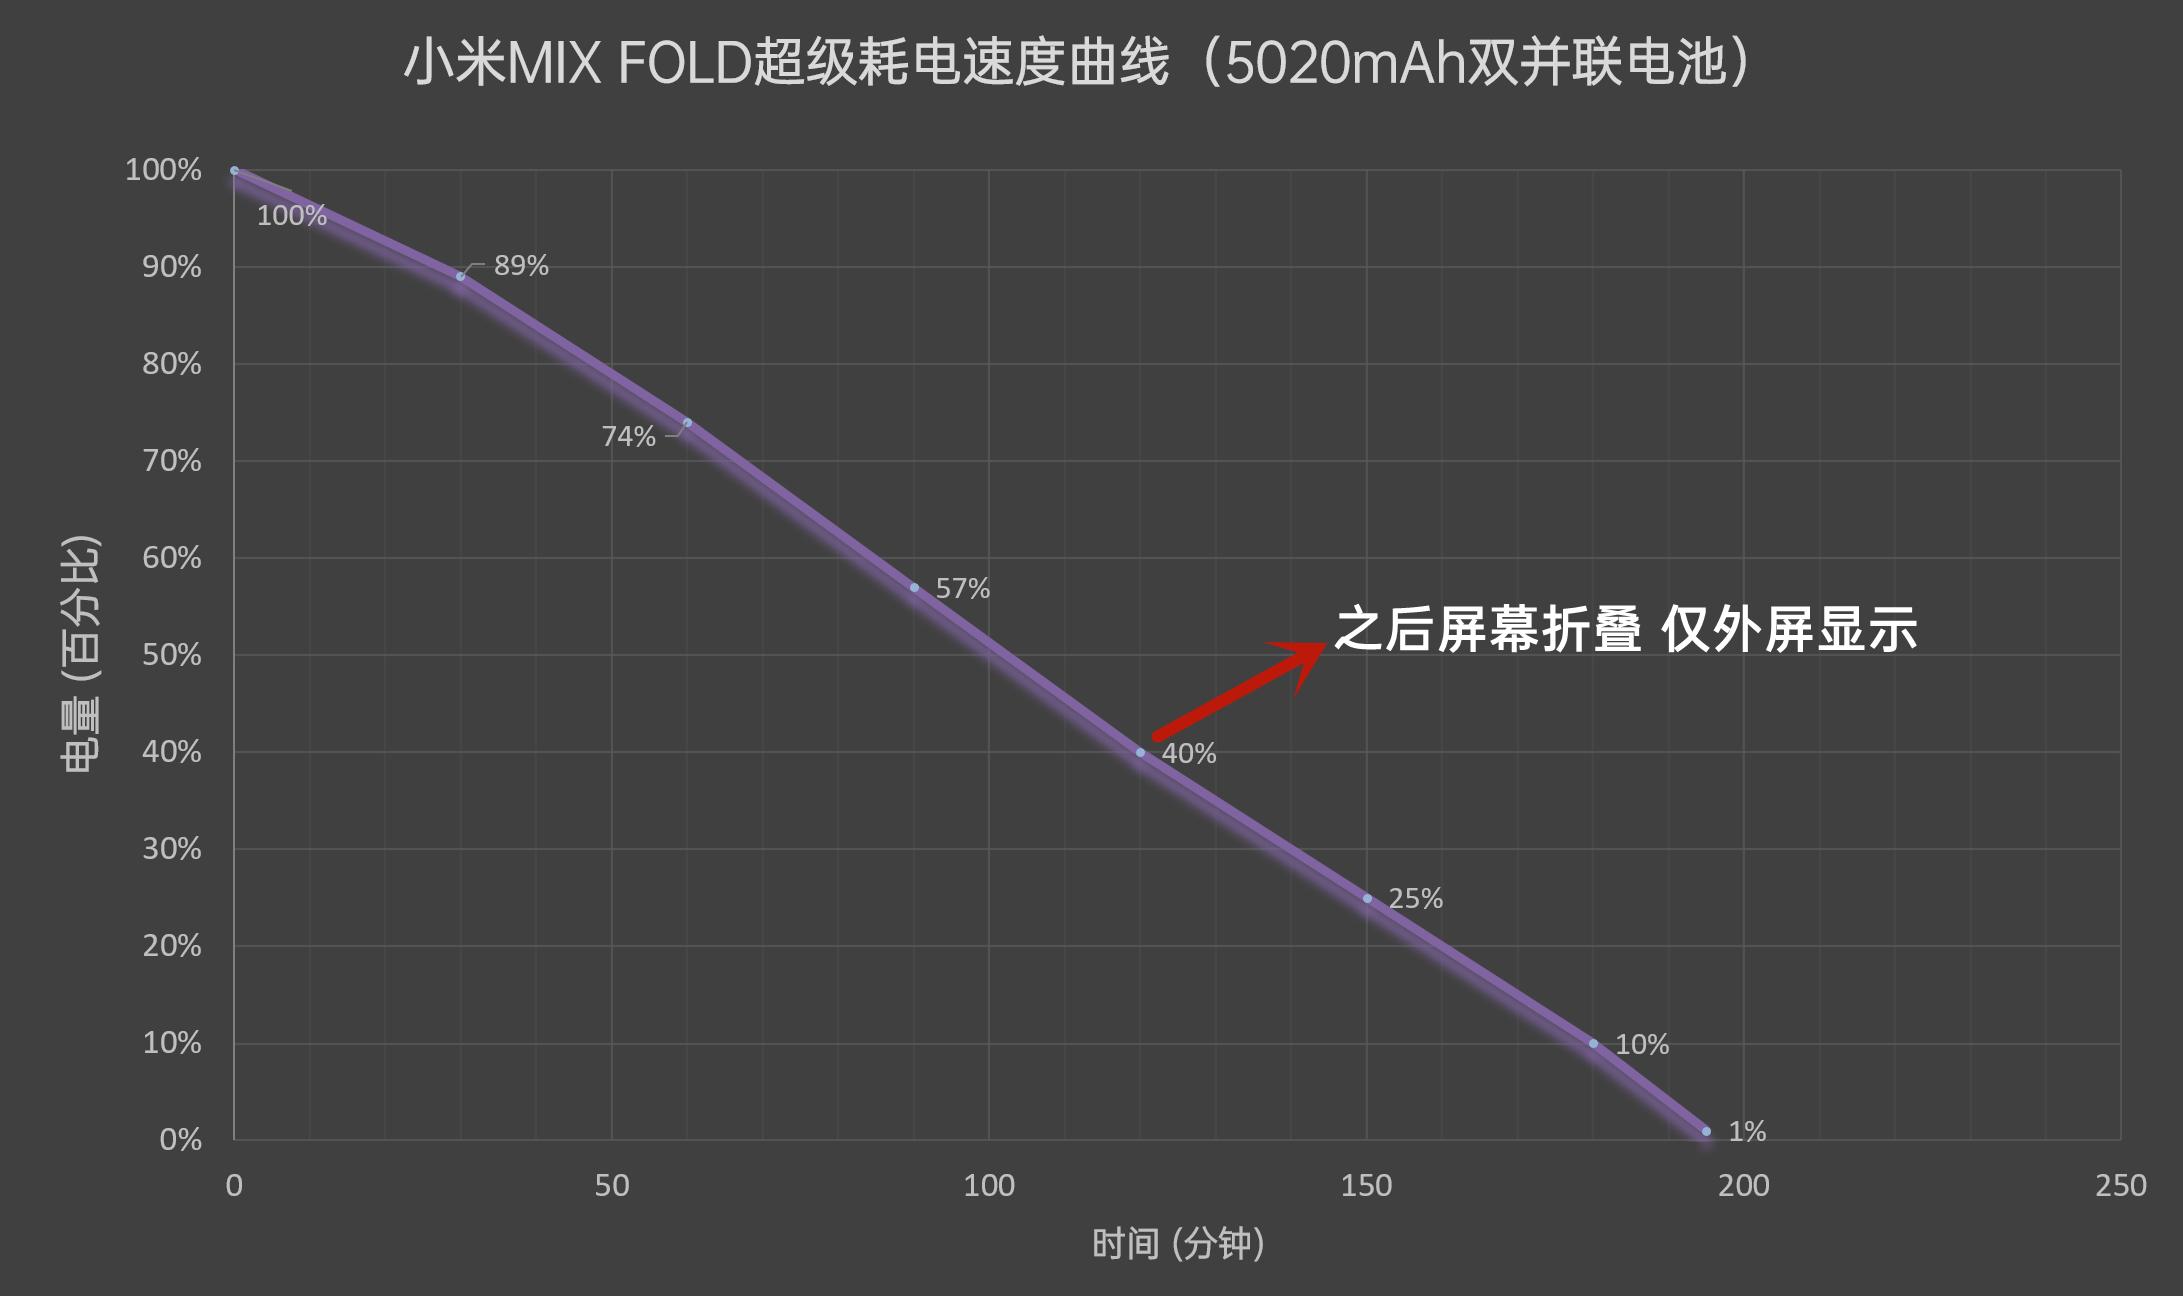 小米MIX FOLD评测:堆料一夫当关、高端之路大圆满